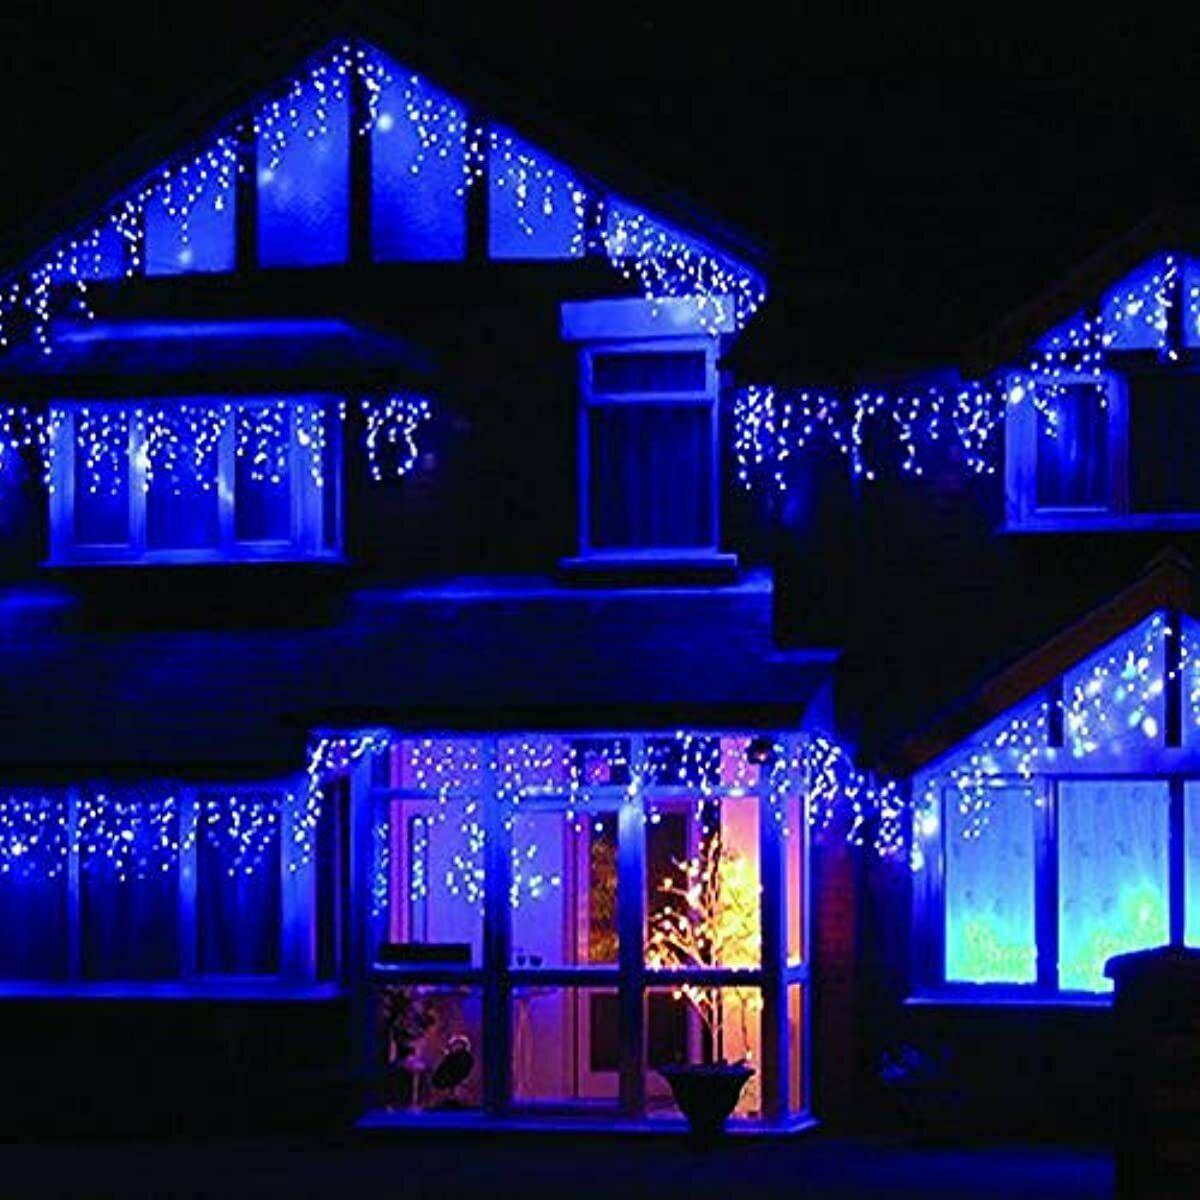 Гирлянда Sople 100Led 4м Blue с эффектом Flash + датчик света